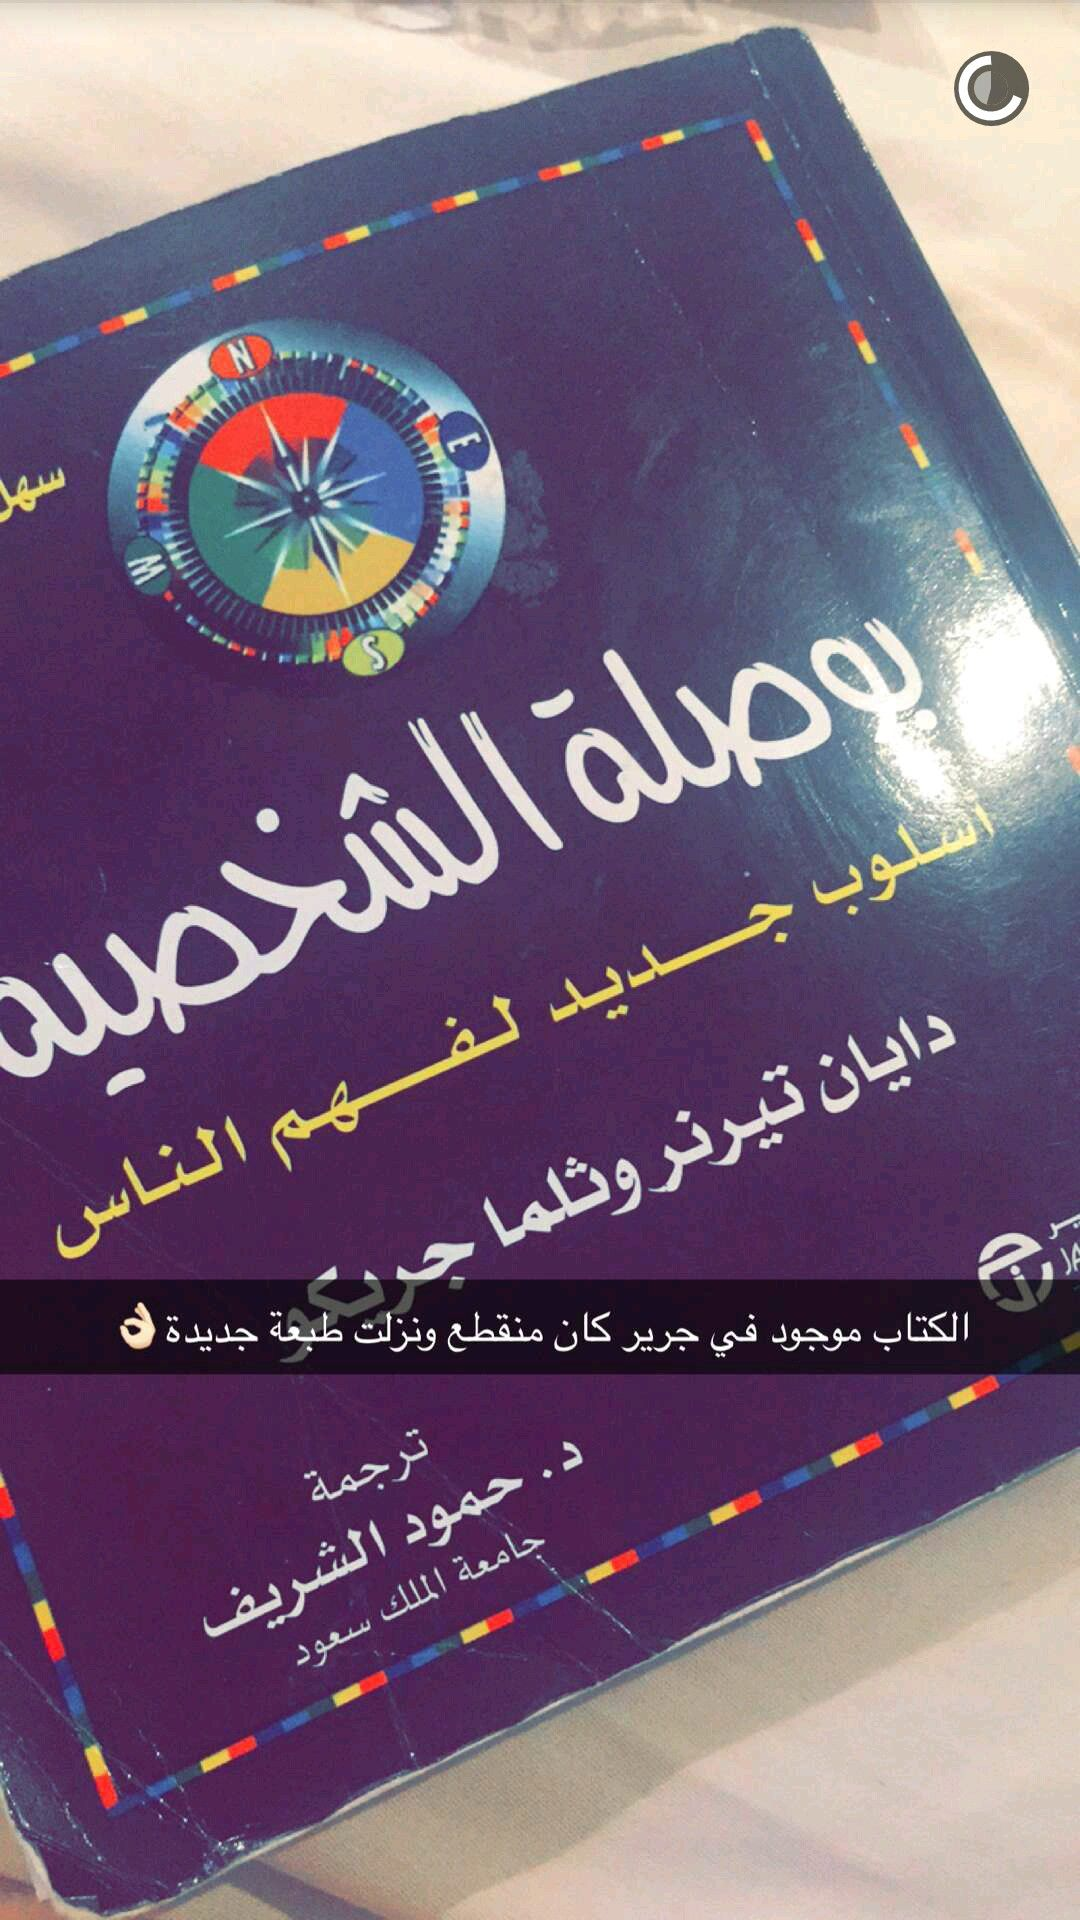 كتاب بوصلة الشخصية جميل جدا يعطي تفاصيل كثيره وغالبا شرحه واضح للشخصيات Books Arabic Books Pdf Books Reading